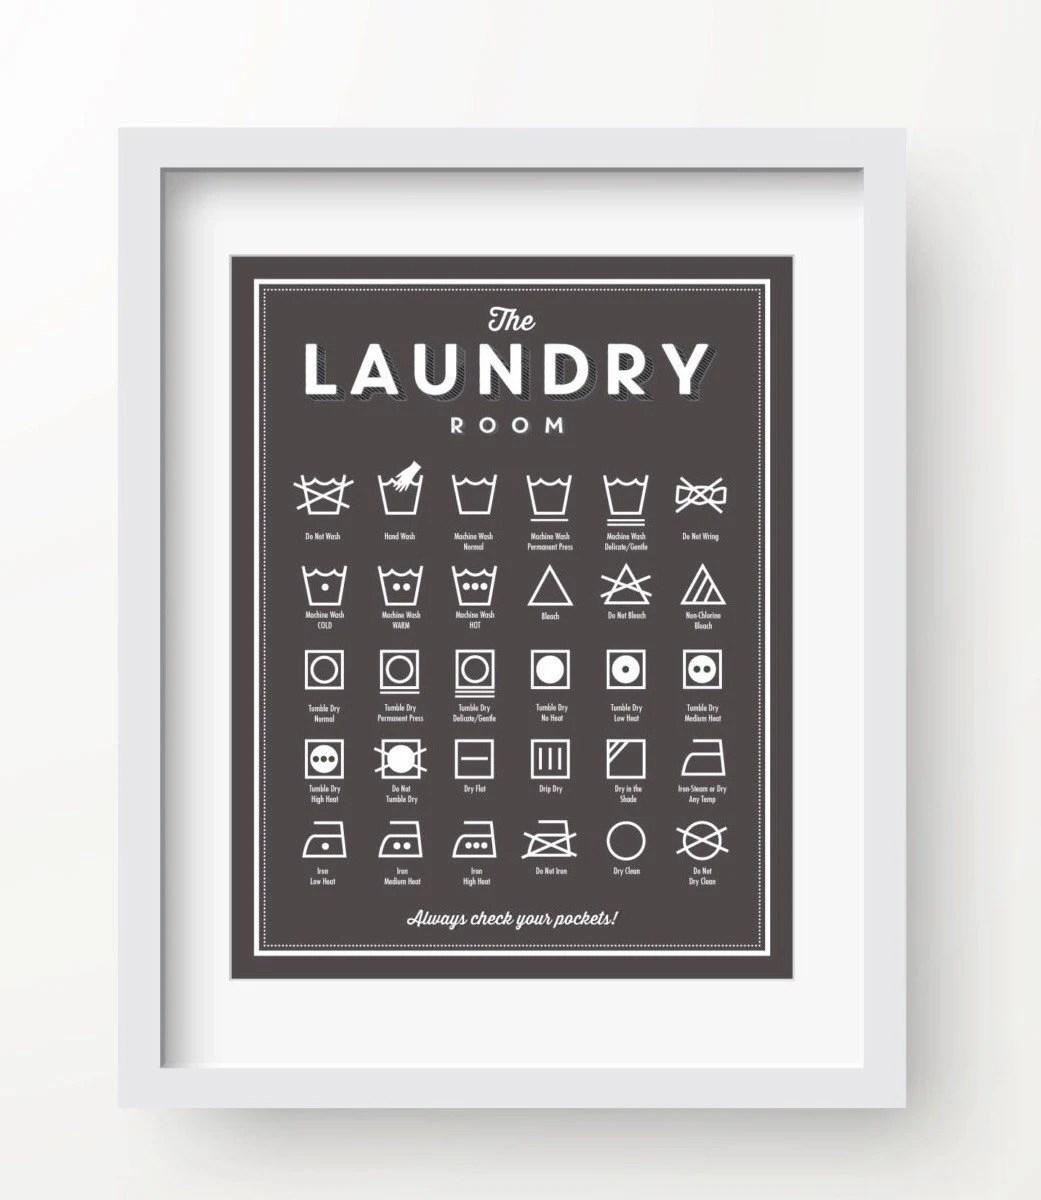 Laundry Room Decor Slate Color Laundry Wall Decor Laundry